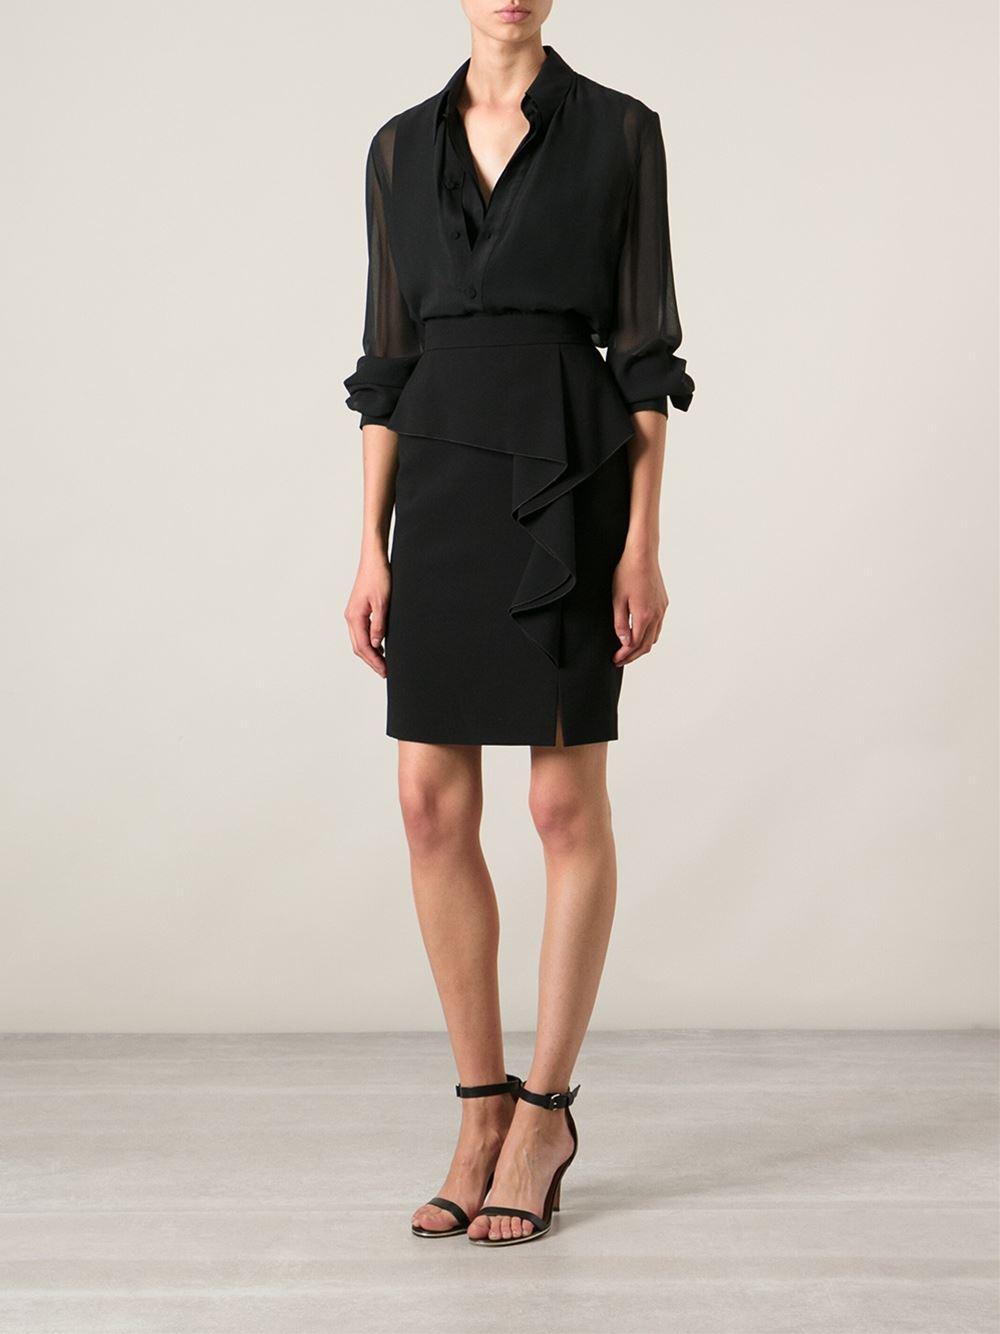 Emilio Pucci Black Side Ruffle Dress View Fullscreen Emilio Pucci